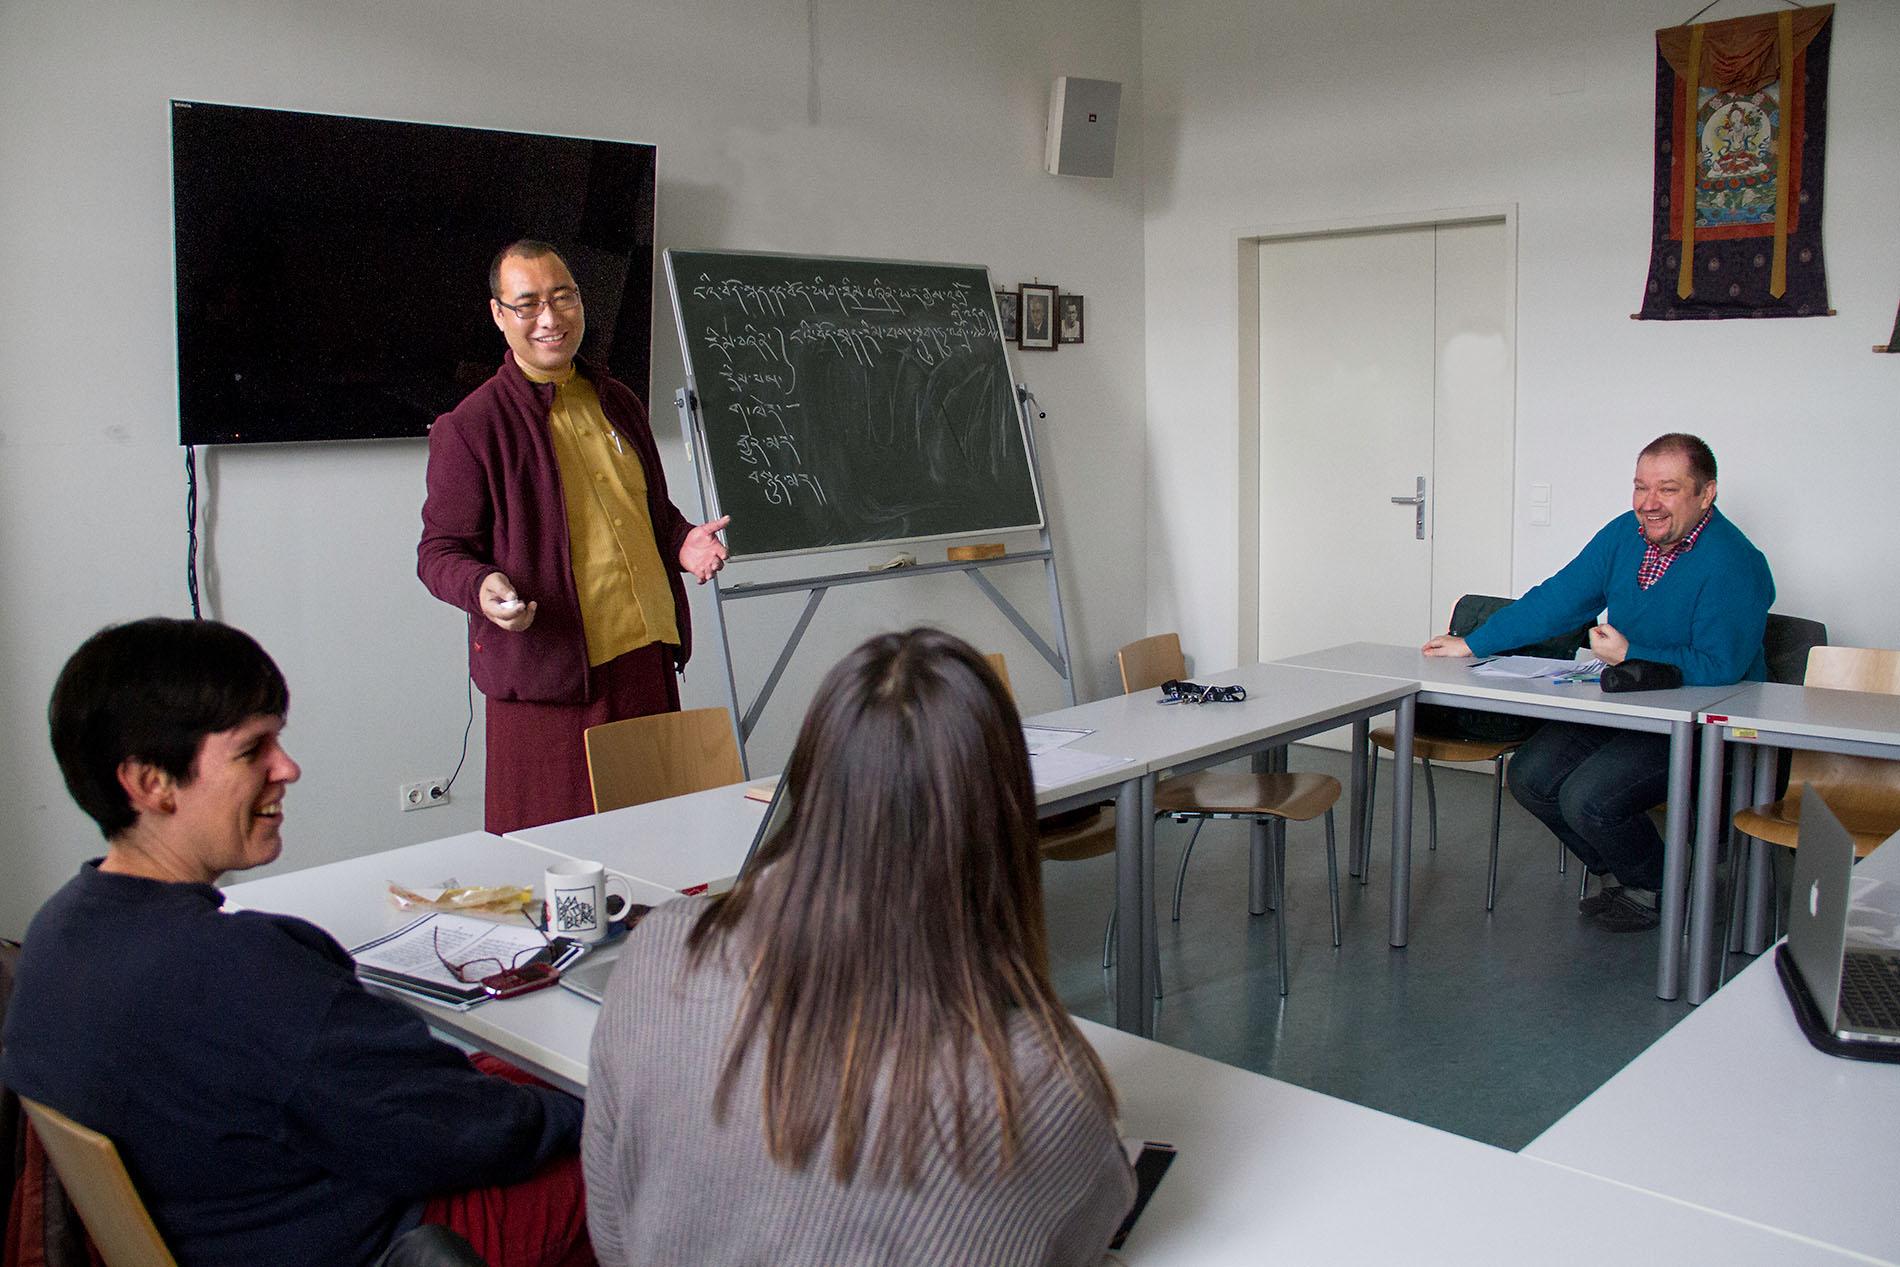 Unterricht an der Universität